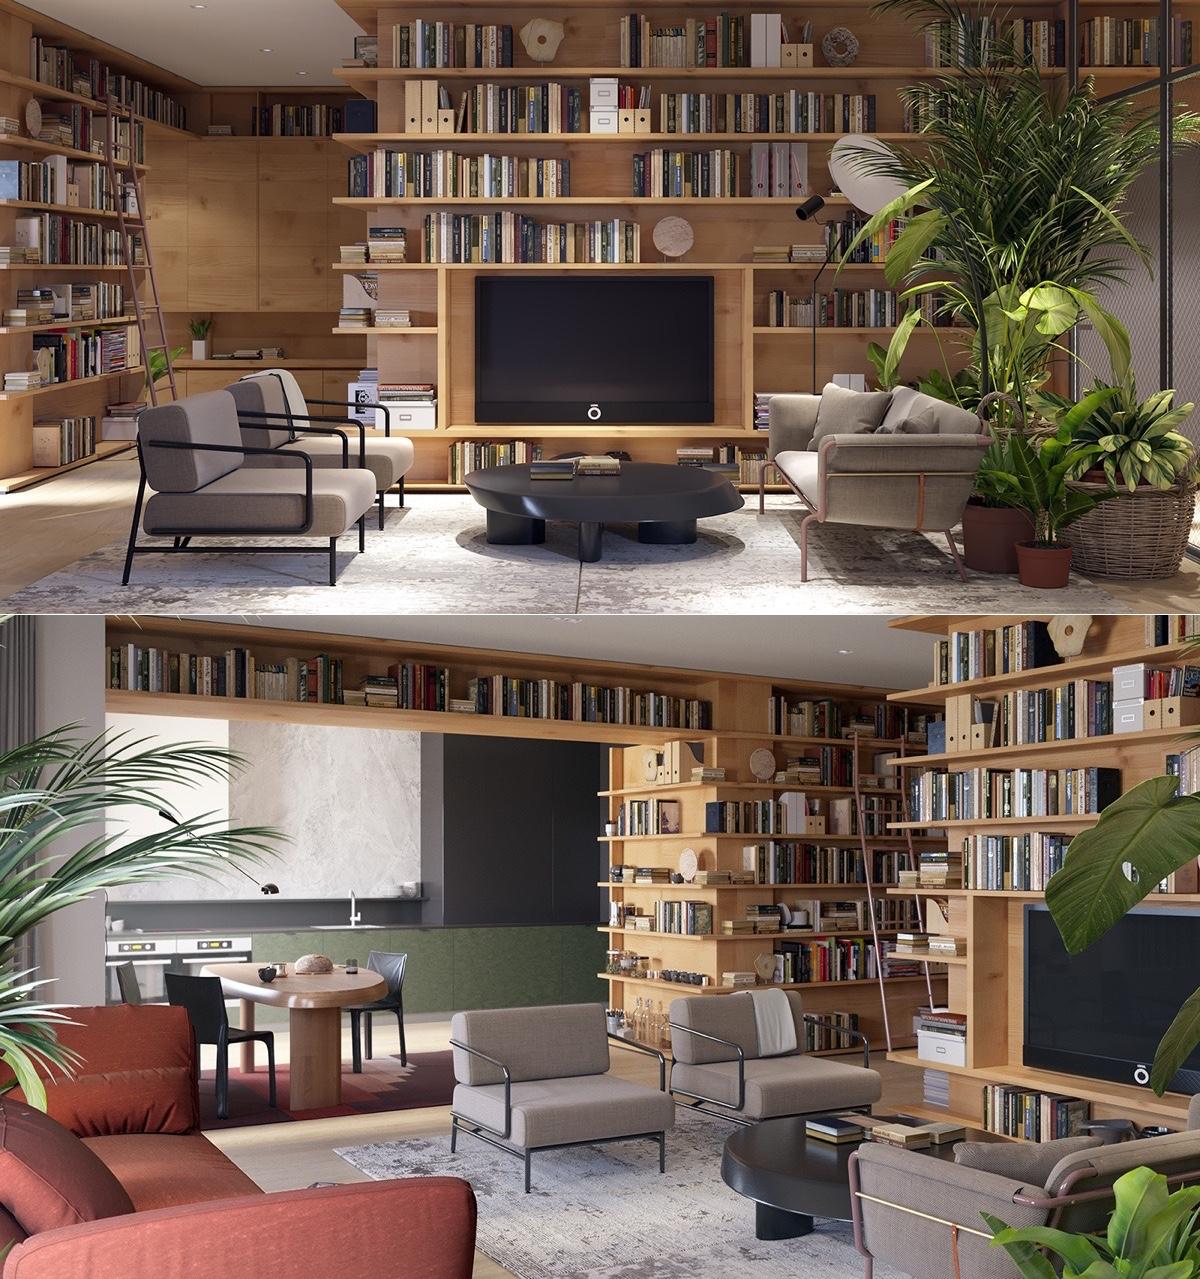 Bạn có thể tạo ra một ô trống để treo TV, đừng quên đặt một chiếu cầu thang để với những giá sách cao